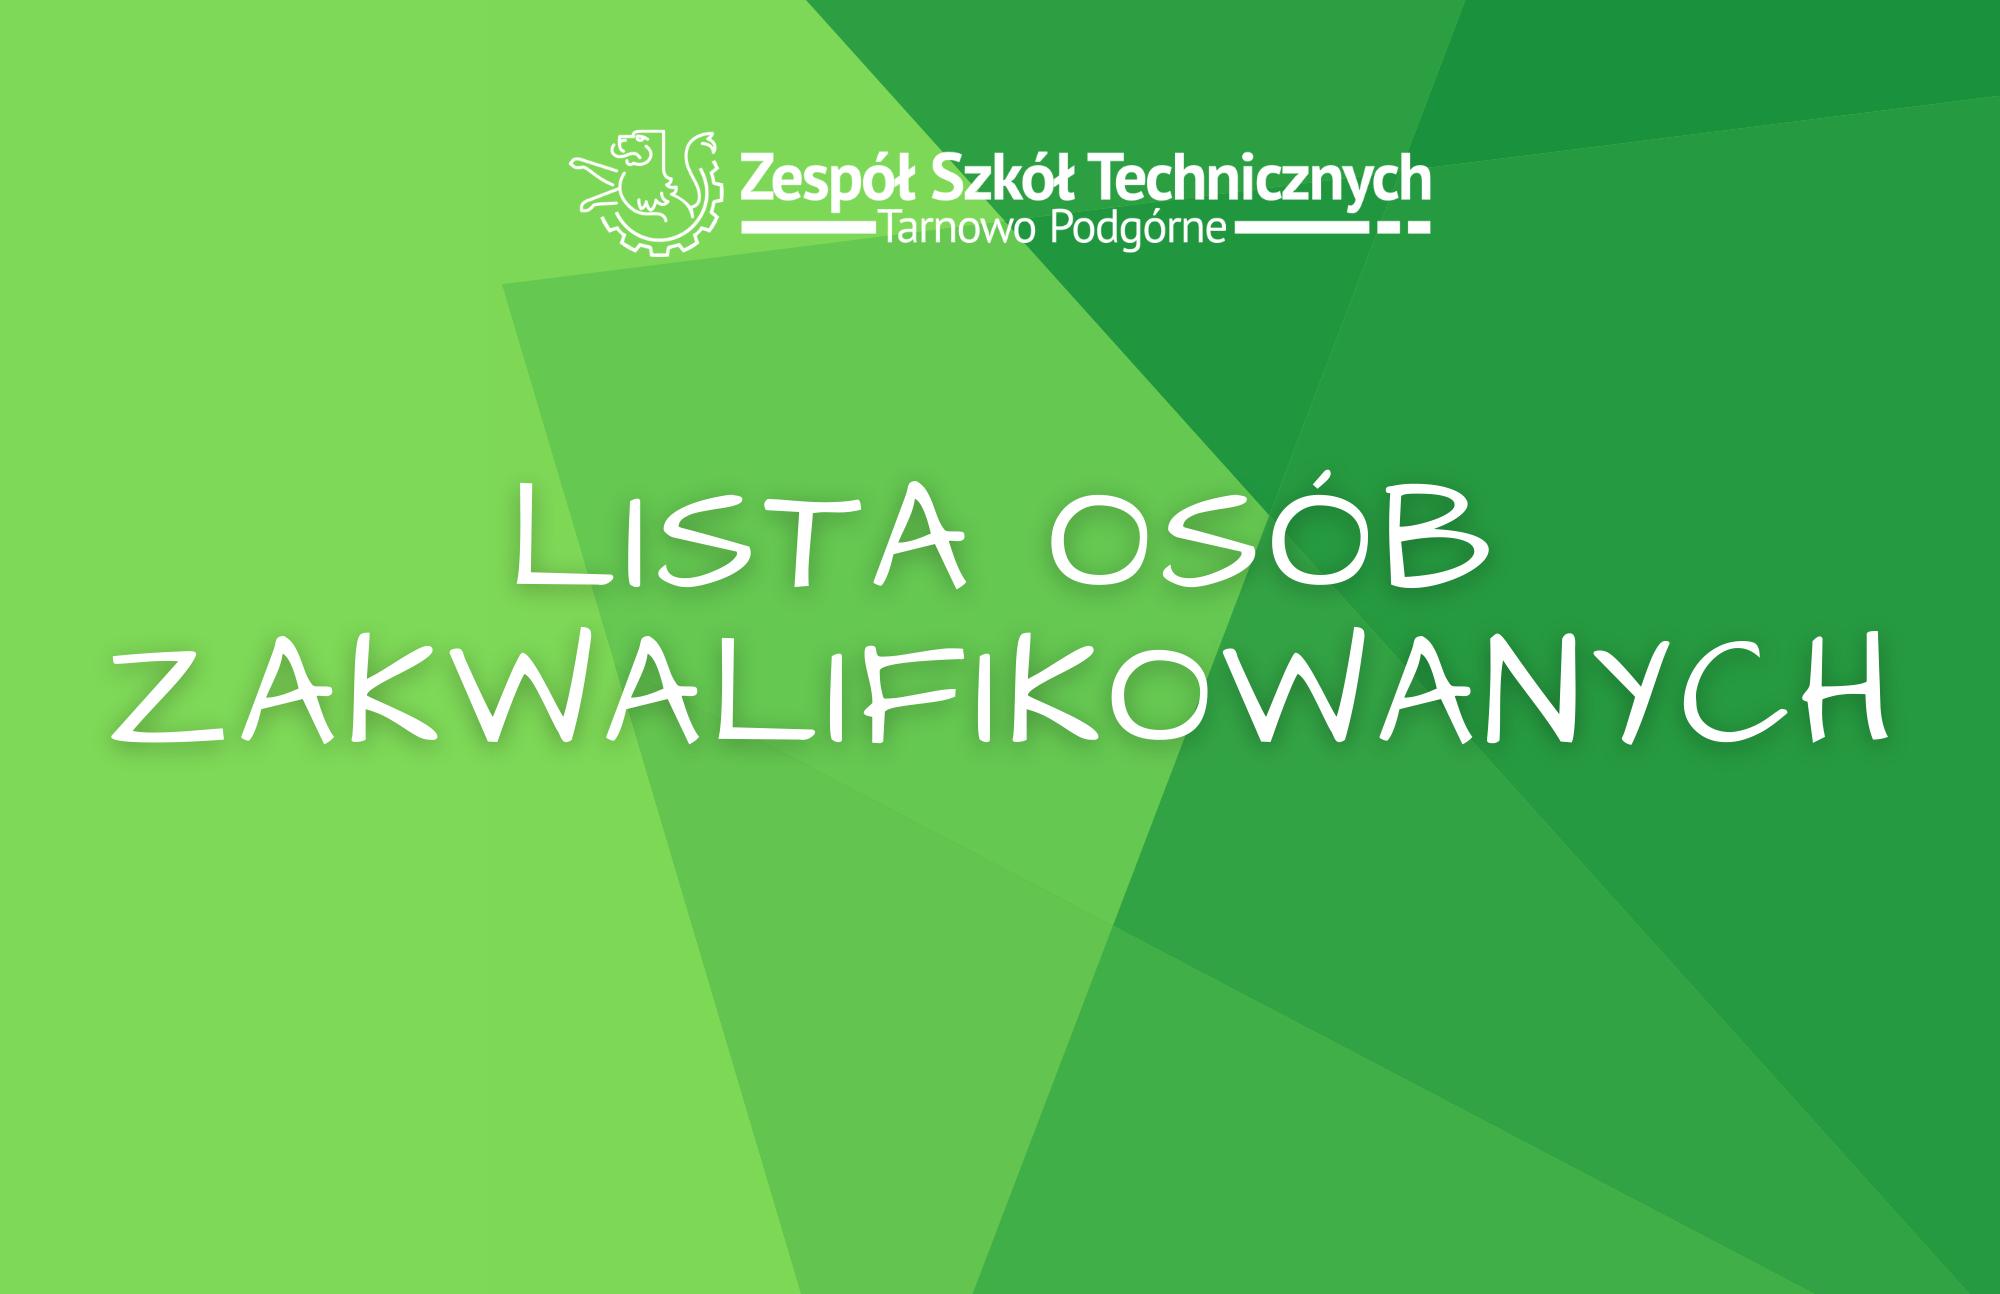 Lista osób zakwalifikowanych doZespołu Szkół Technicznych Tarnowo Podgórne